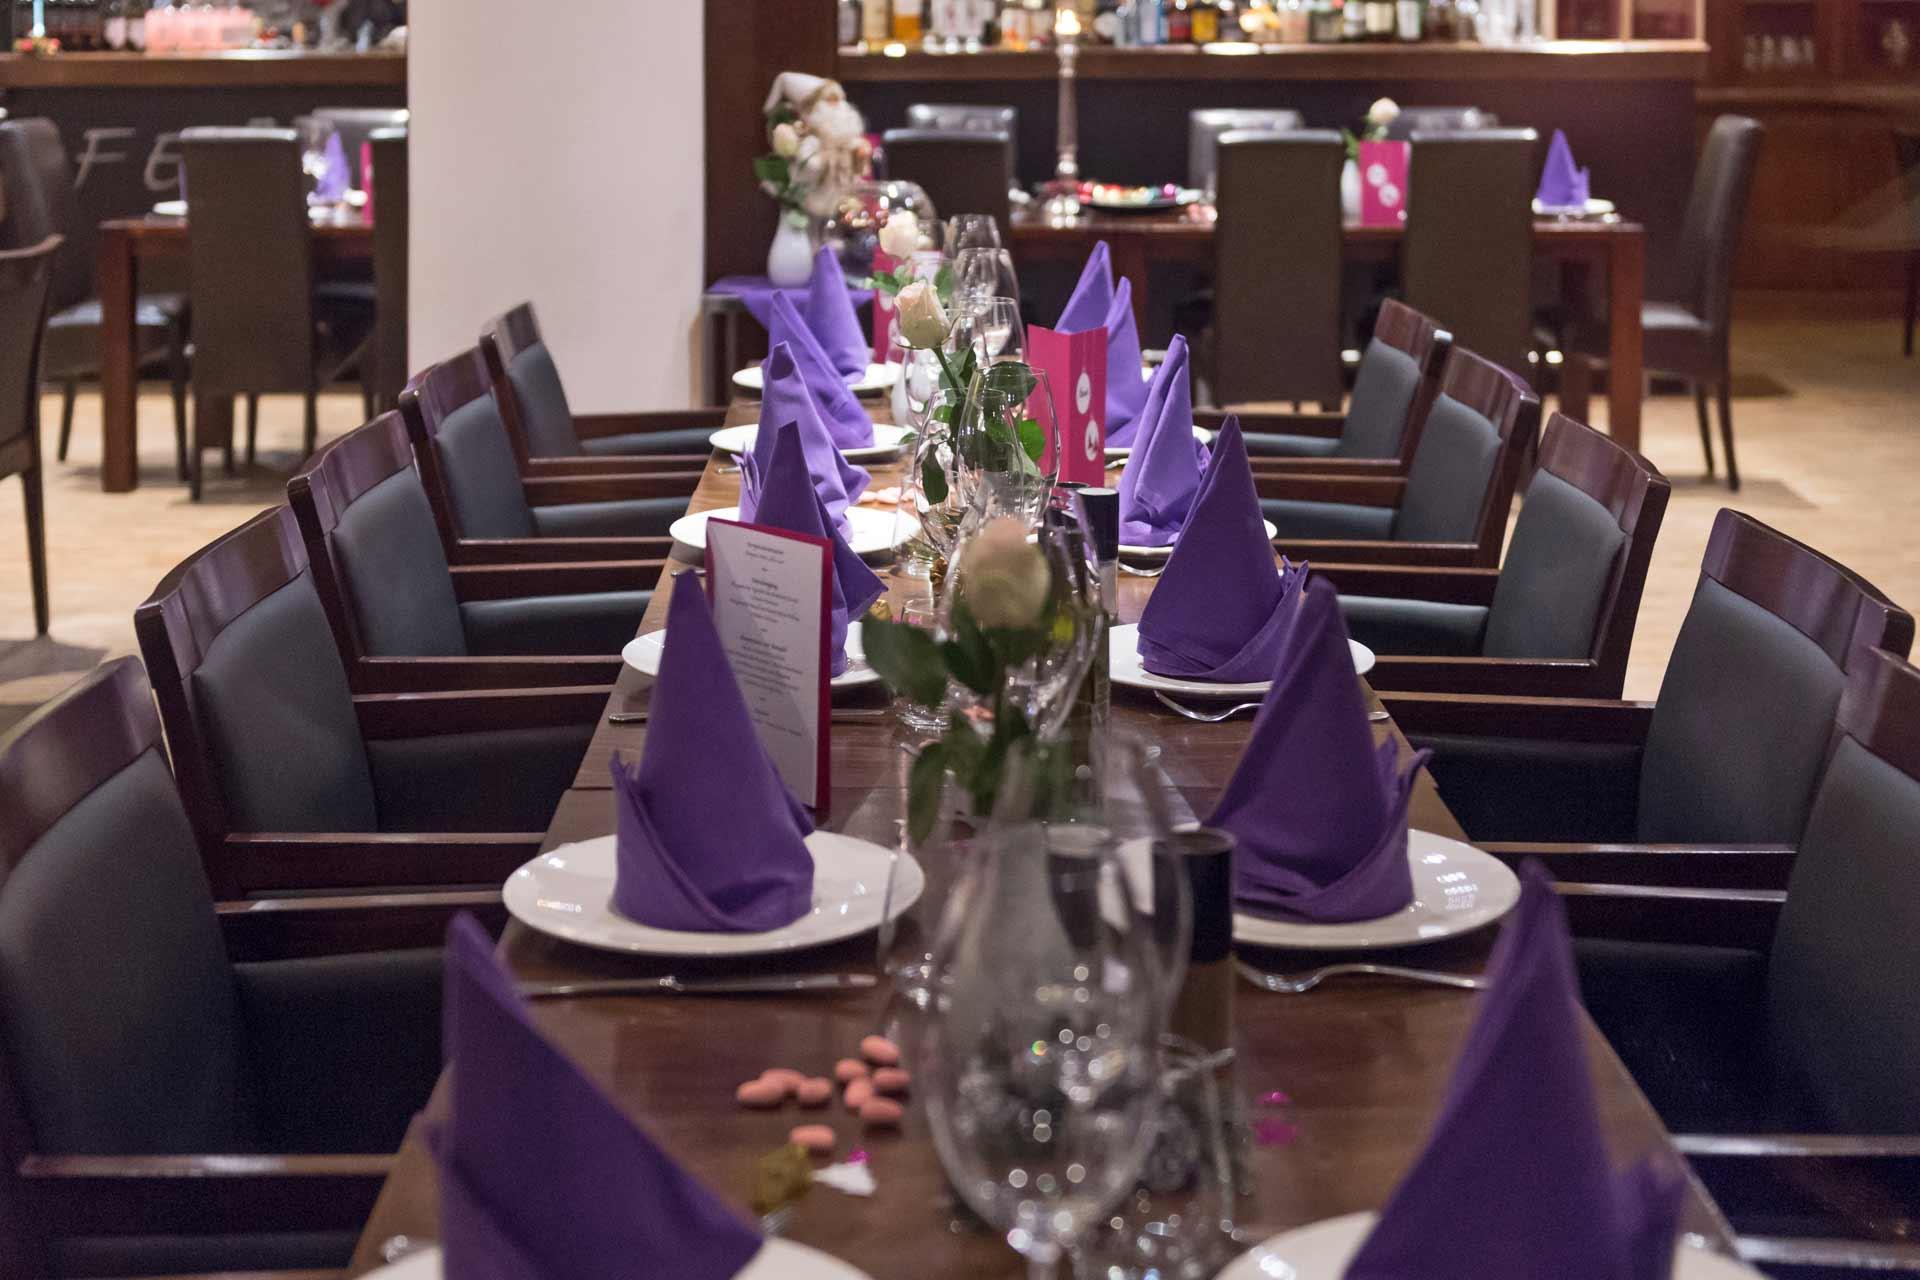 Ein angerichteter Tisch in der Ferrucci Winebar in Darmstadt